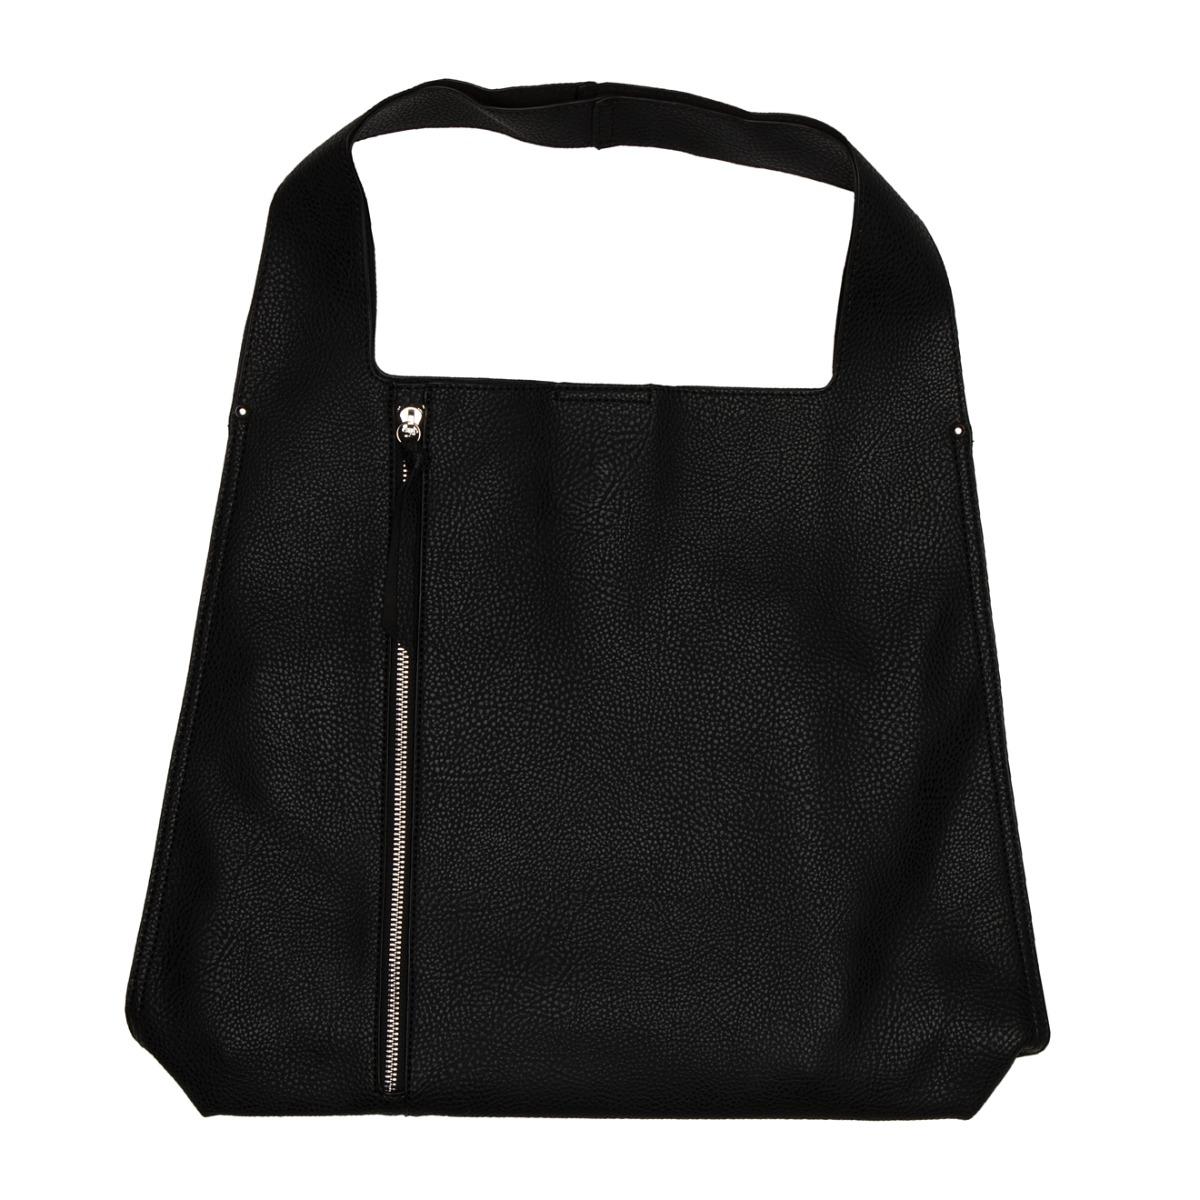 DSP-1623-2/FL19 SHOPPER BAG